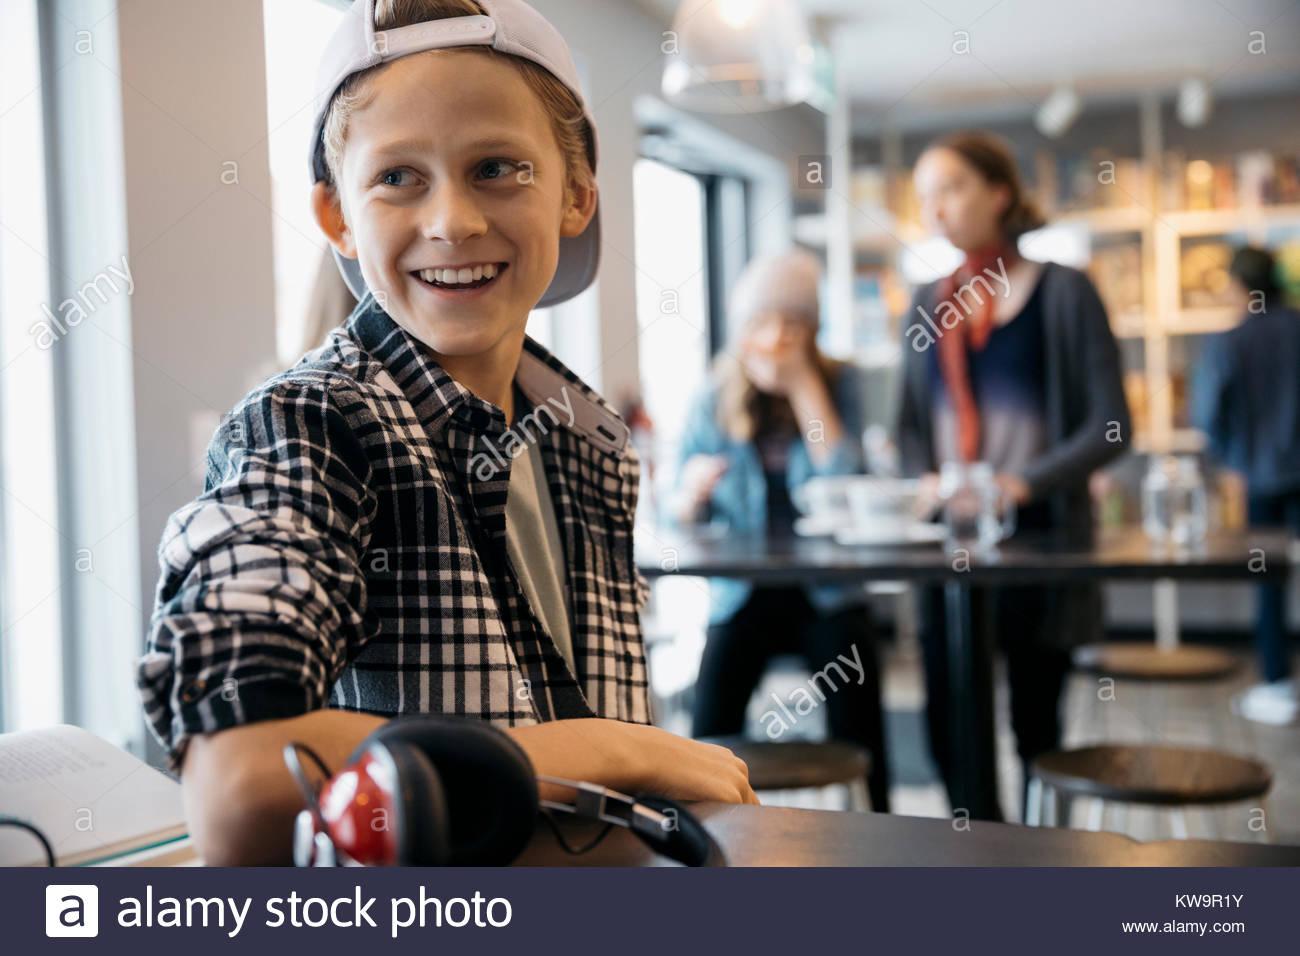 Sonriente joven estudiante de escuela secundaria caucásica apartar la mirada en el café Imagen De Stock